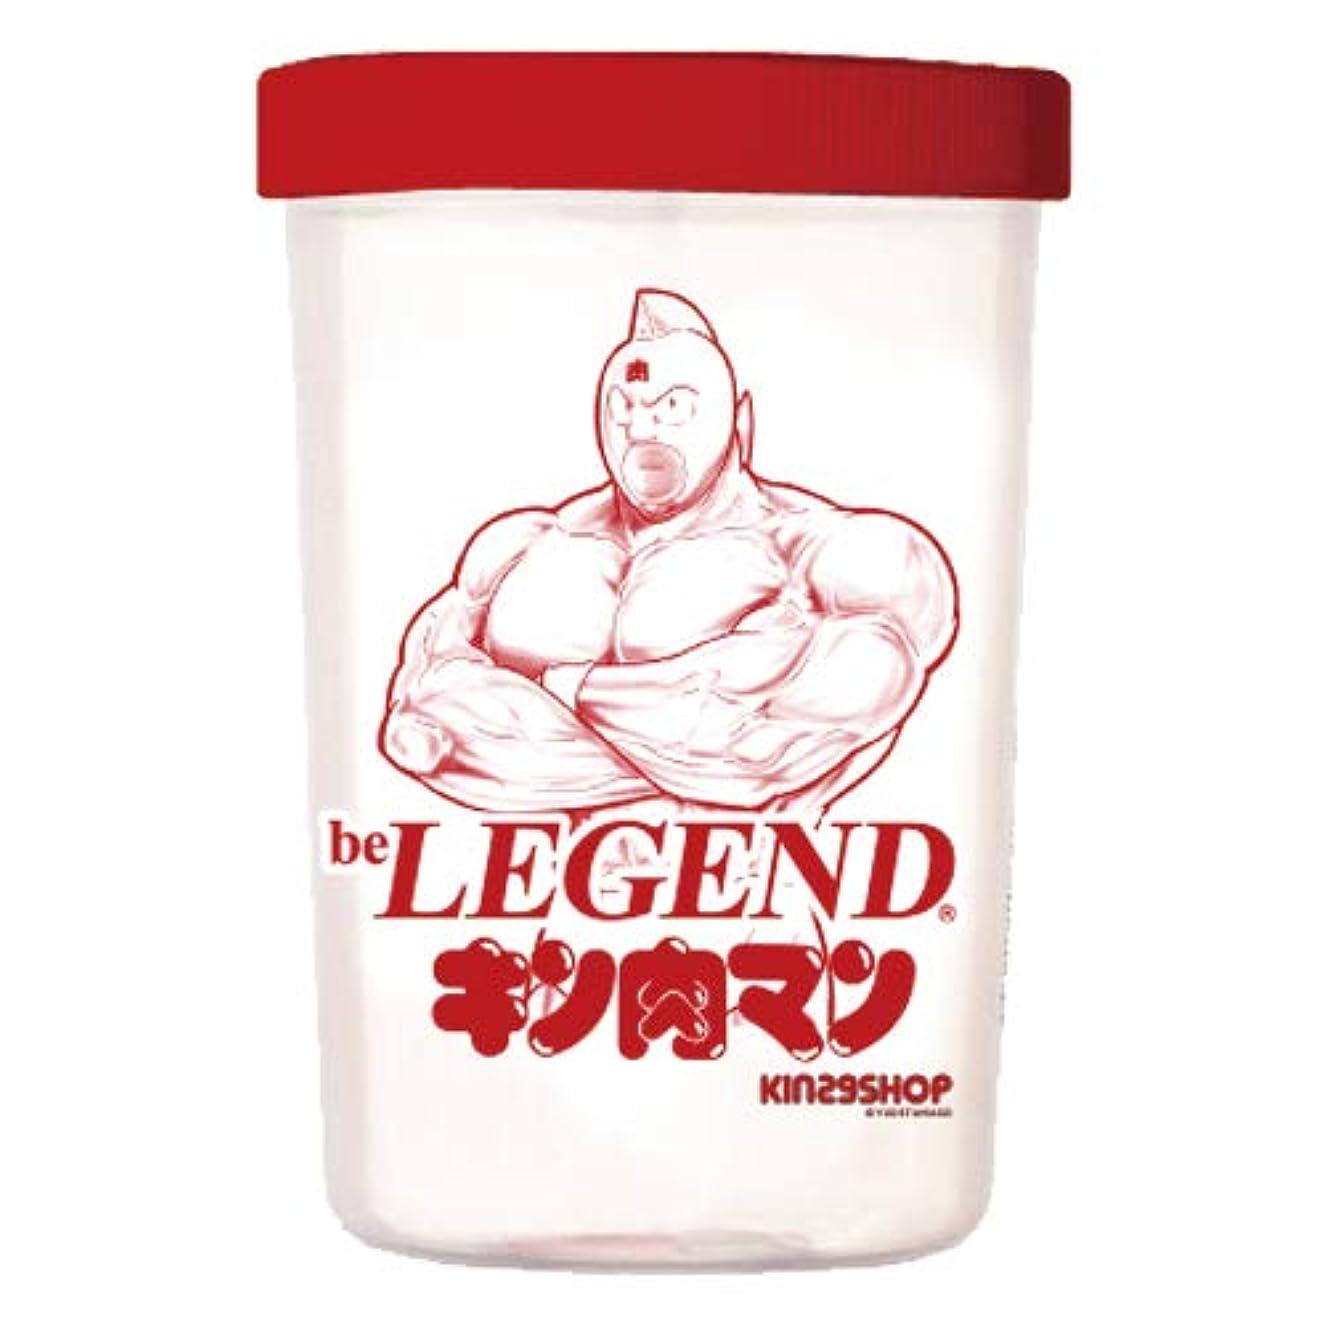 ミルク思いやり信頼性のあるビーレジェンド キン肉マン シェーカーボトル